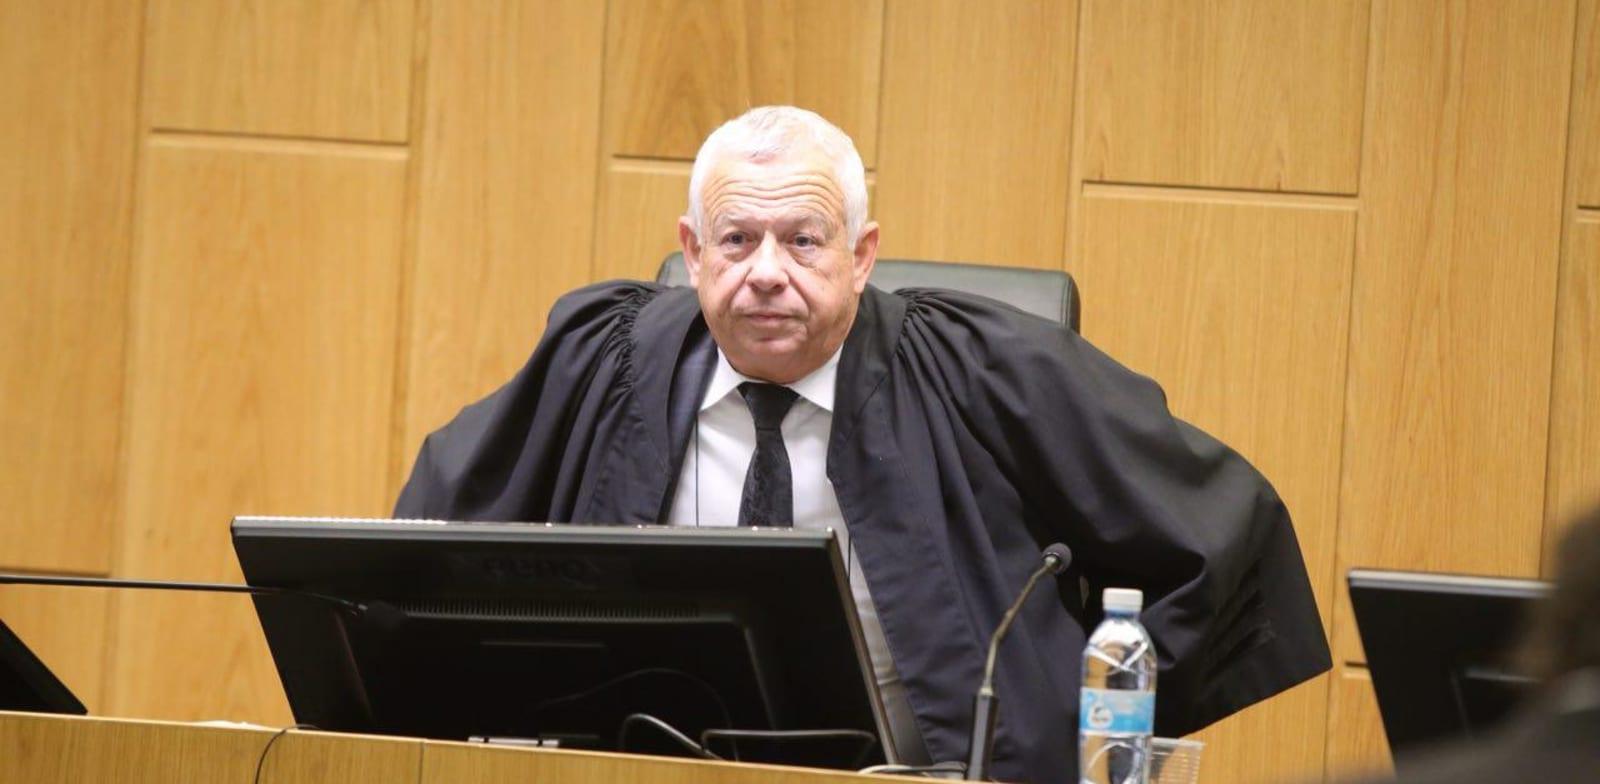 השופט עזריה אלקלעי. תביעה קנטרנית / צילום: מוטי קמחי, ynet